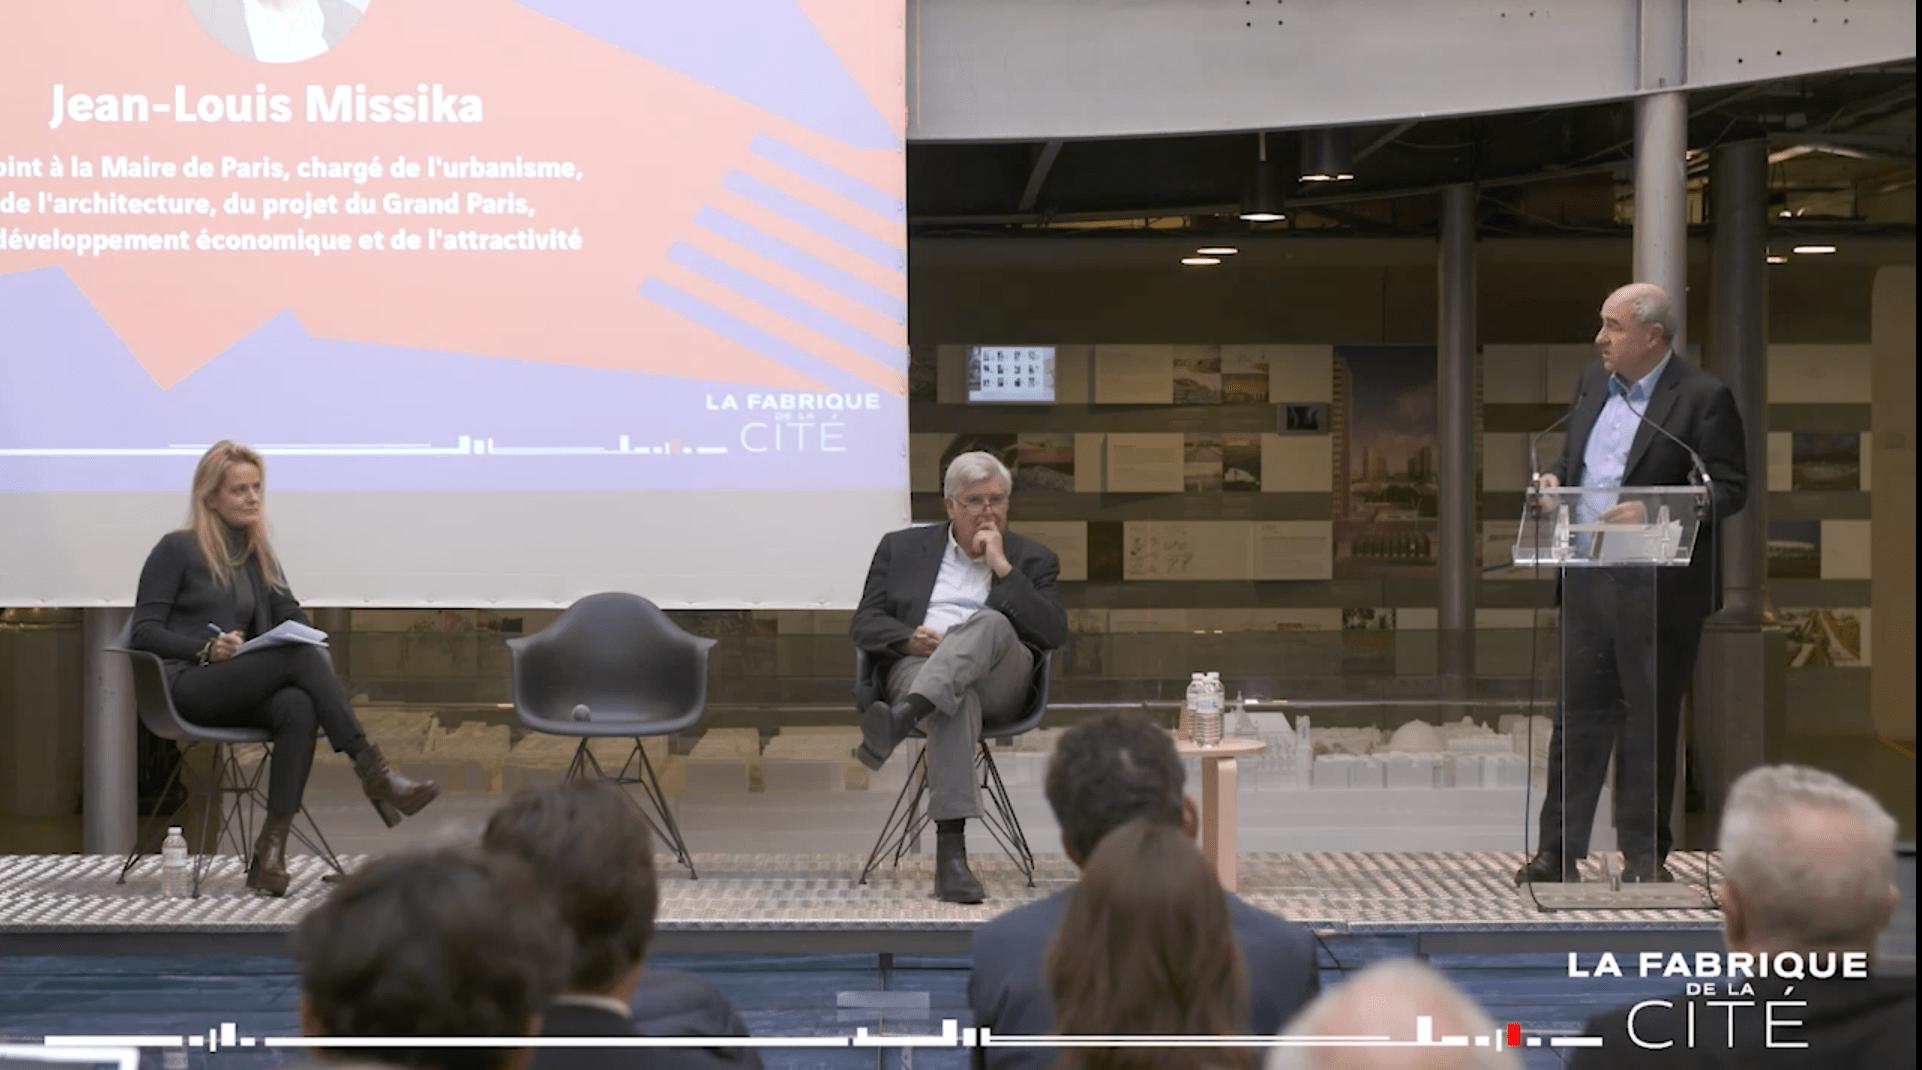 Voeux de La Fabrique de la Cité 2018 - Pierre Veltz et Jean-Louis Missika